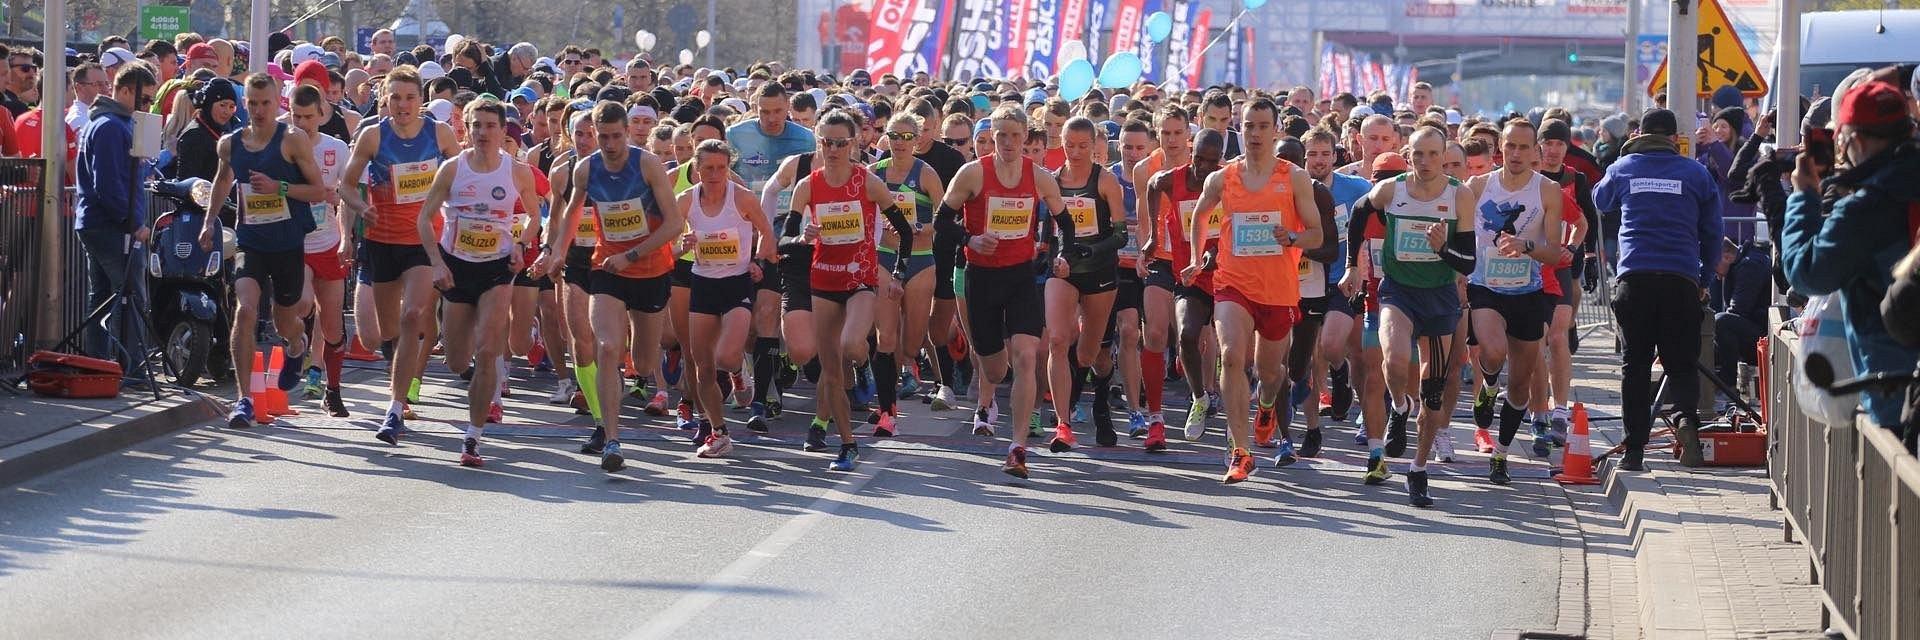 Siódma edycja ORLEN Warsaw Marathon już za nami. 20 tysięcy uczestników Narodowego Święta Biegania